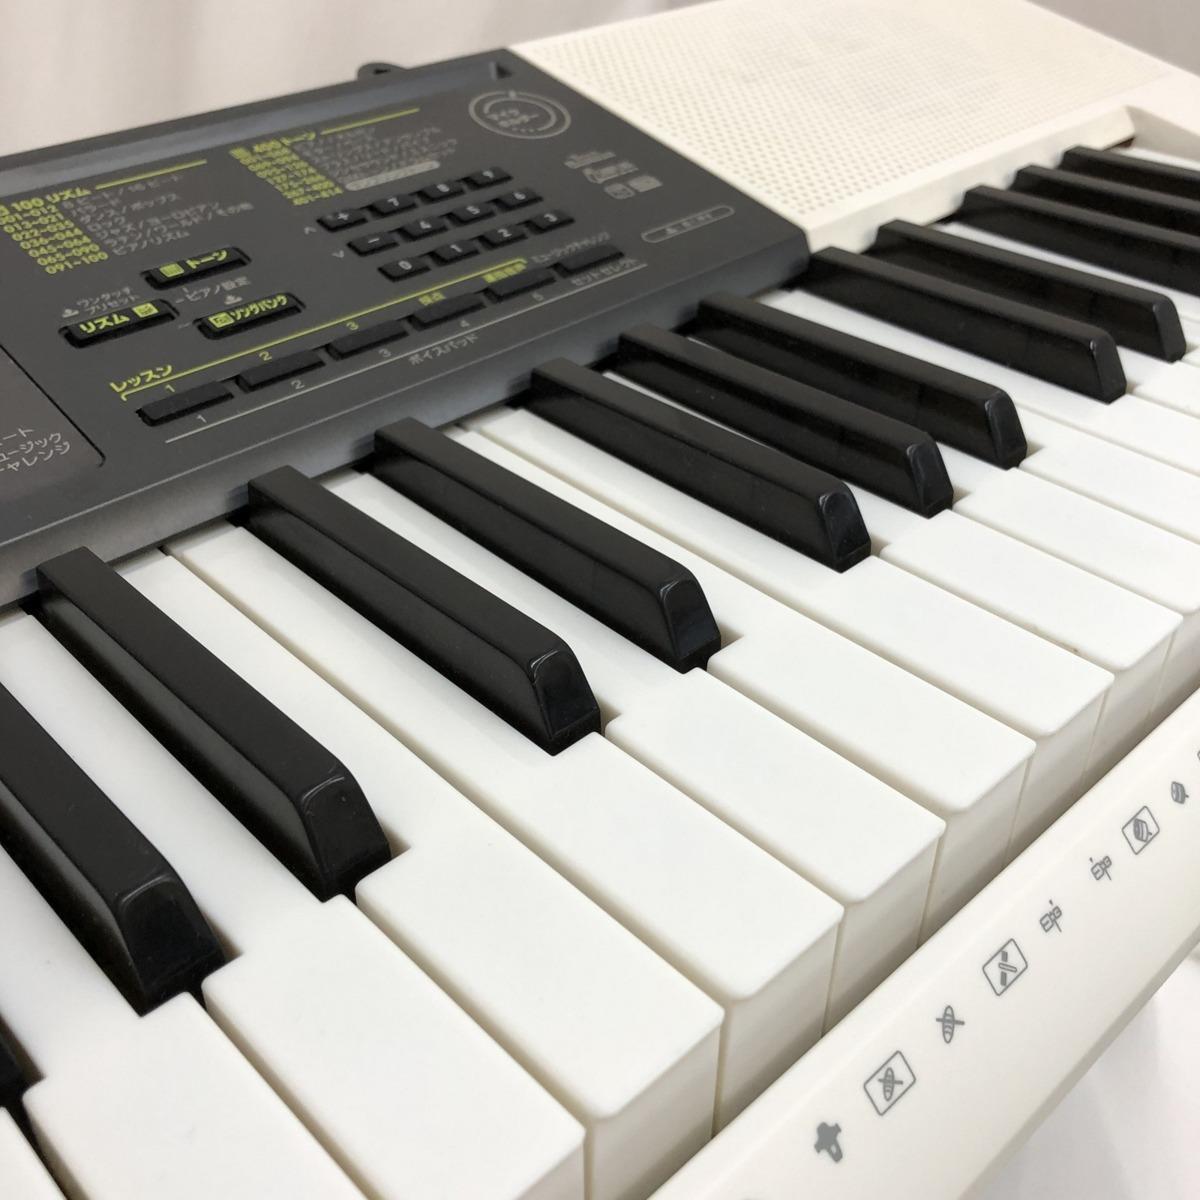 中古 CASIO カシオ 電子キーボード LK-116 61鍵盤 光ナビゲーション 電子ピアノ ホワイト ブラック 鍵盤楽器 アダプター付き H15204_画像3